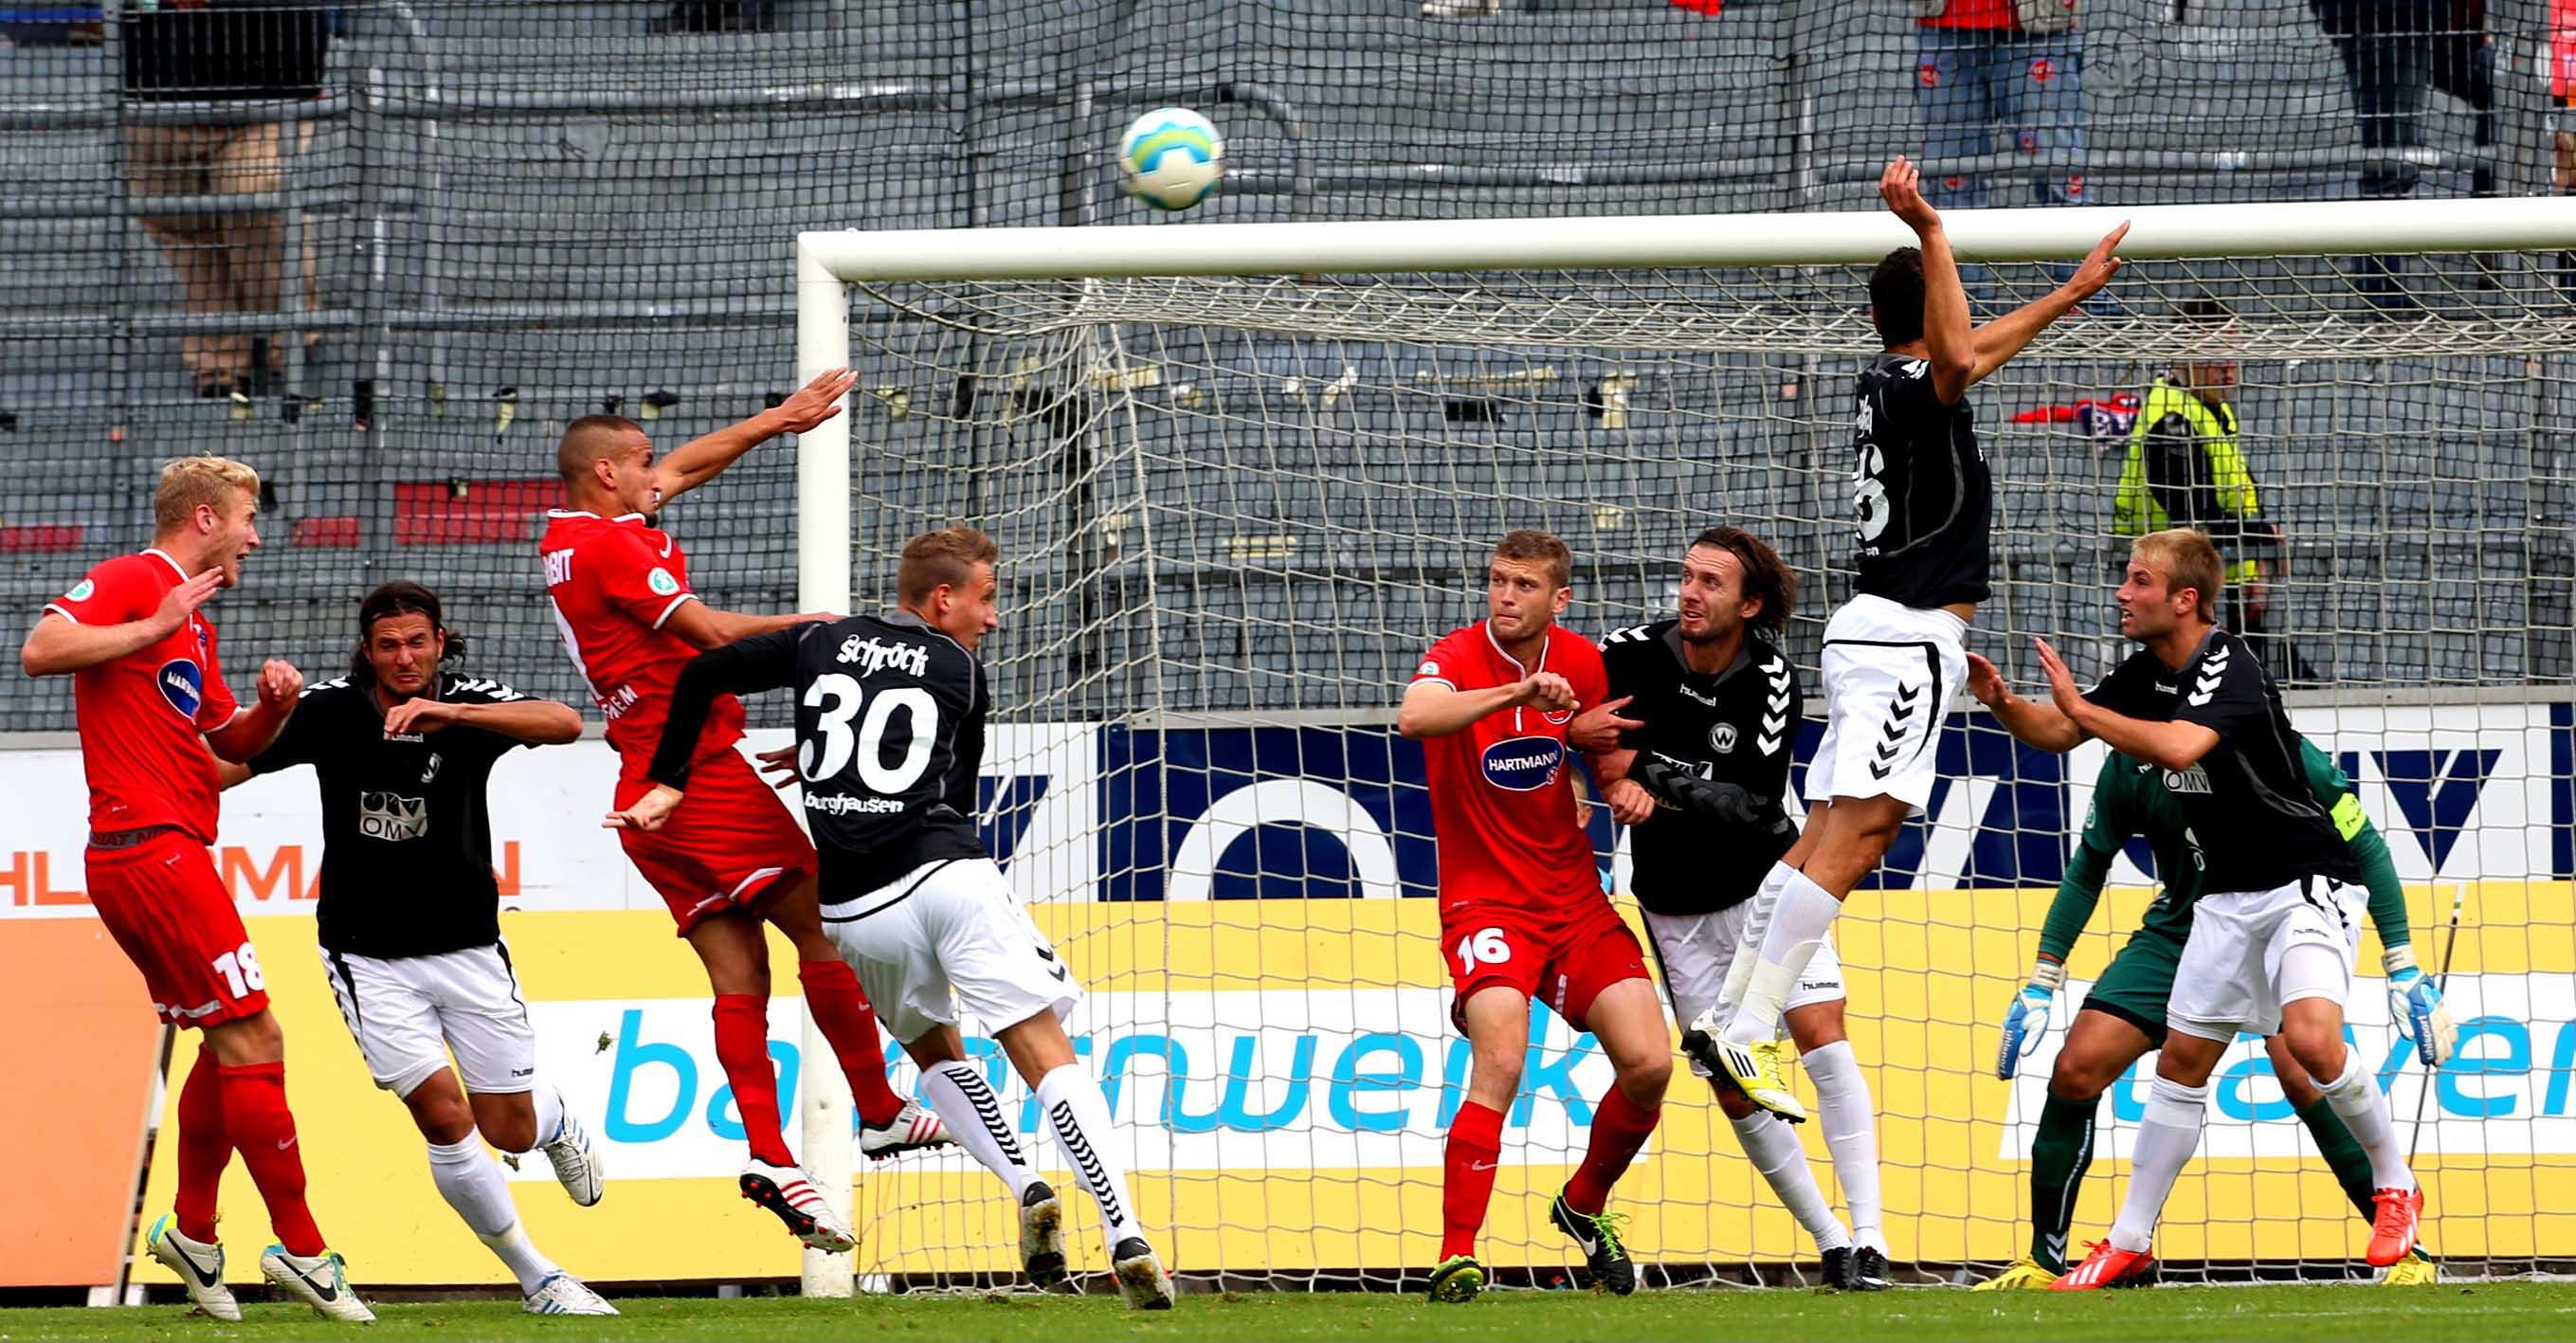 Heidenheim: Erol Sabanovs Serie hält